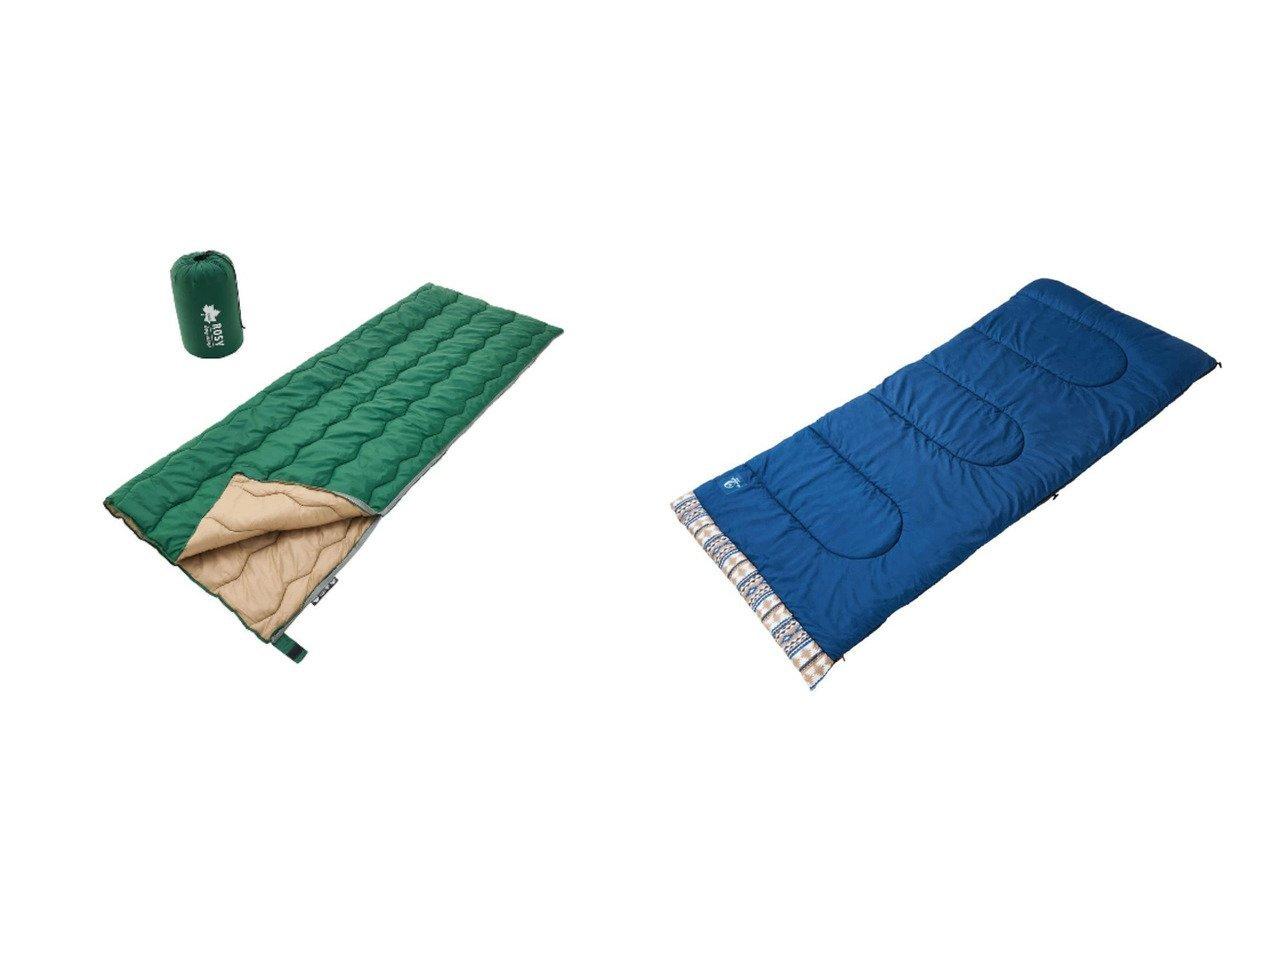 【Whole Earth/ホールアース】のシュラフ ラルゴ 5 WE23DE26 NVY&【LOGOS/ロゴス】のシュラフ 寝袋 封筒型 化繊 ROSY 丸洗い寝袋・6 72600611 おすすめ!人気キャンプ・アウトドア用品の通販 おすすめで人気の流行・トレンド、ファッションの通販商品 メンズファッション・キッズファッション・インテリア・家具・レディースファッション・服の通販 founy(ファニー) https://founy.com/ クッション 軽量 S/S・春夏 SS・Spring/Summer 春 Spring ホーム・キャンプ・アウトドア Home,Garden,Outdoor,Camping Gear キャンプ用品・アウトドア  Camping Gear & Outdoor Supplies 寝具 シュラフ 枕 Schlaf, Sleeping bag, Pillow |ID:crp329100000034782